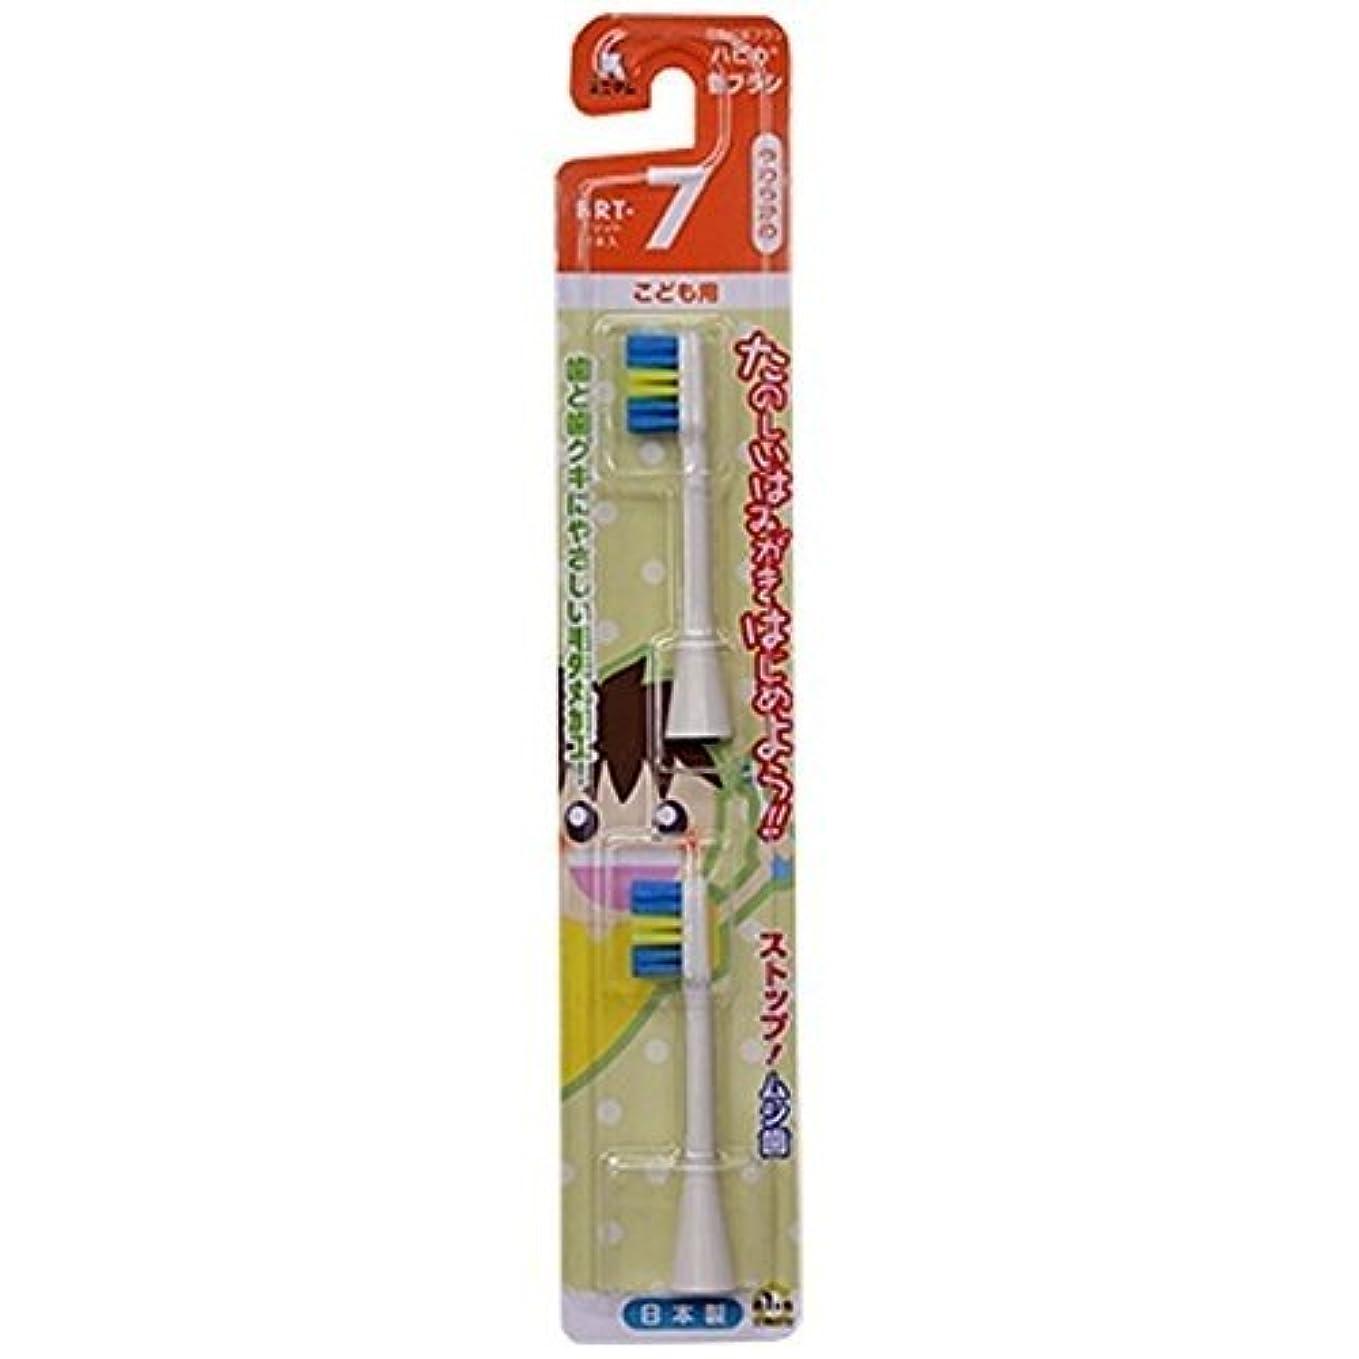 定期的に最愛の出席ミニマム 電動付歯ブラシ ハピカ 専用替ブラシ こども用 毛の硬さ:やわらかめ BRT-7 2個入